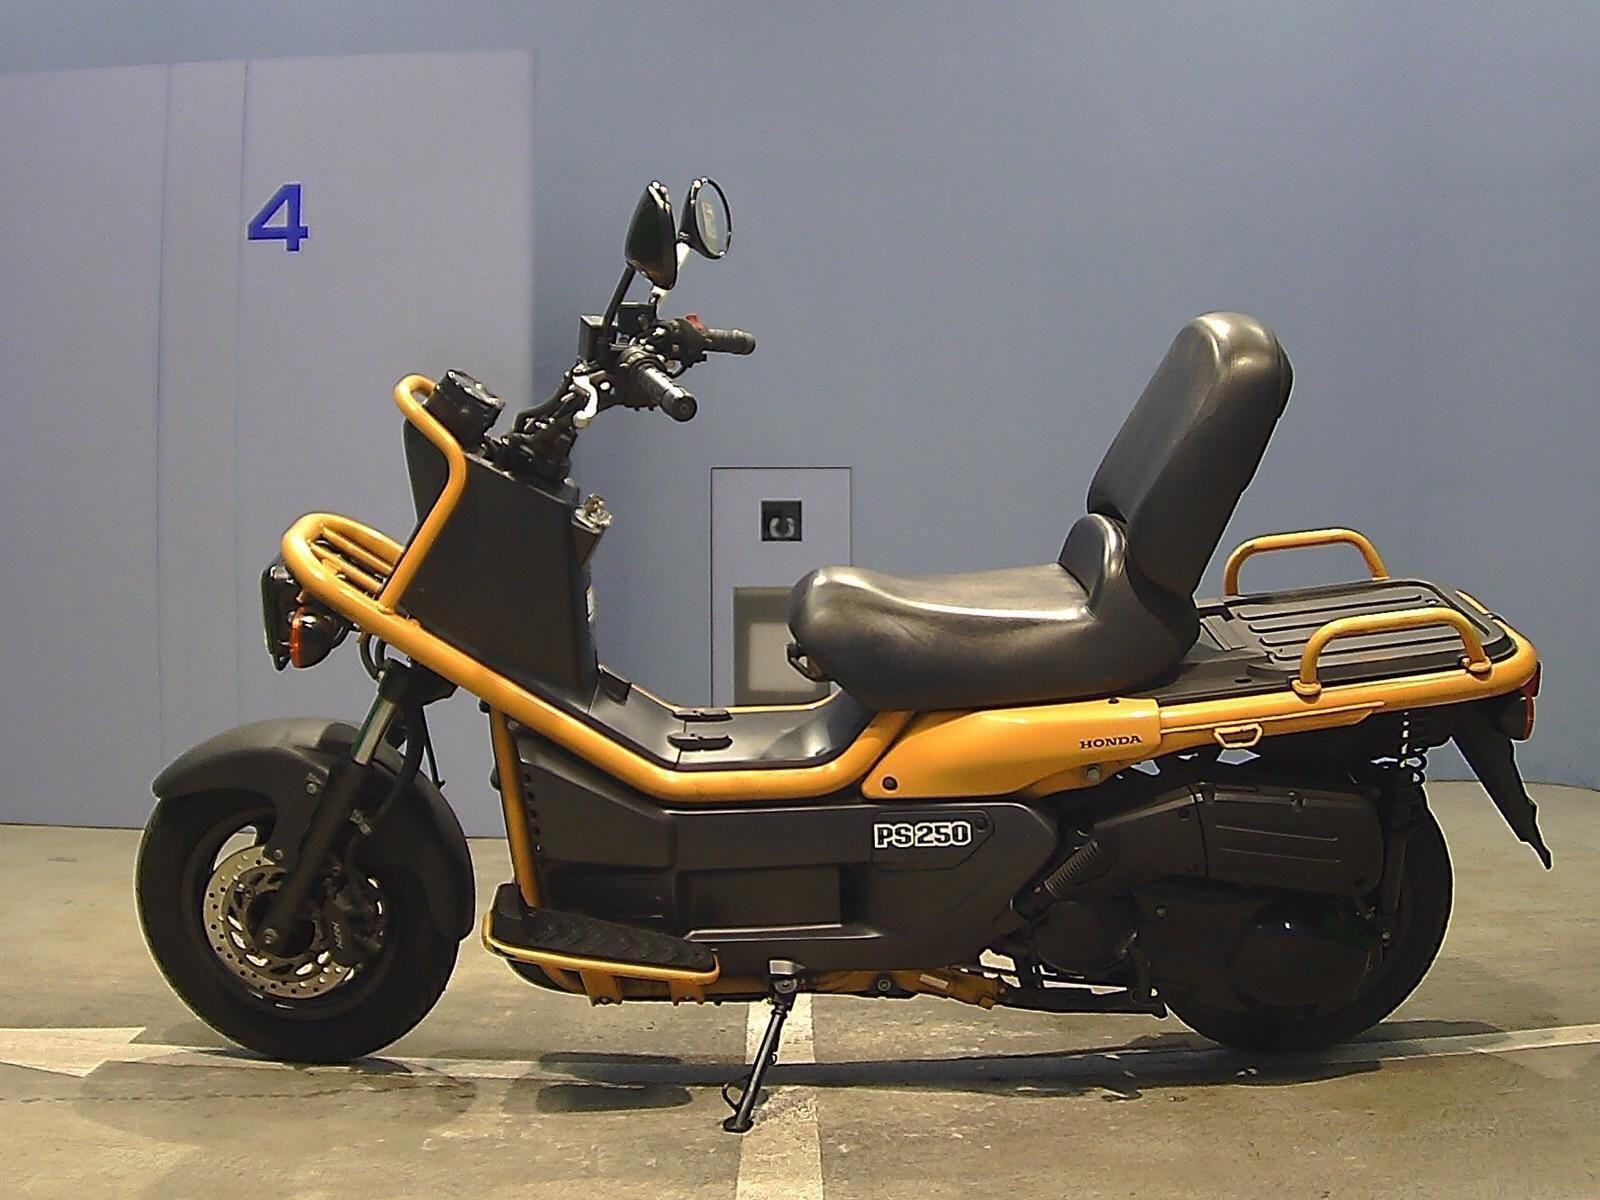 BIG RUCKUS zoomer 250 | eBay | MOTORSİKLETLER | Pinterest | Big ...